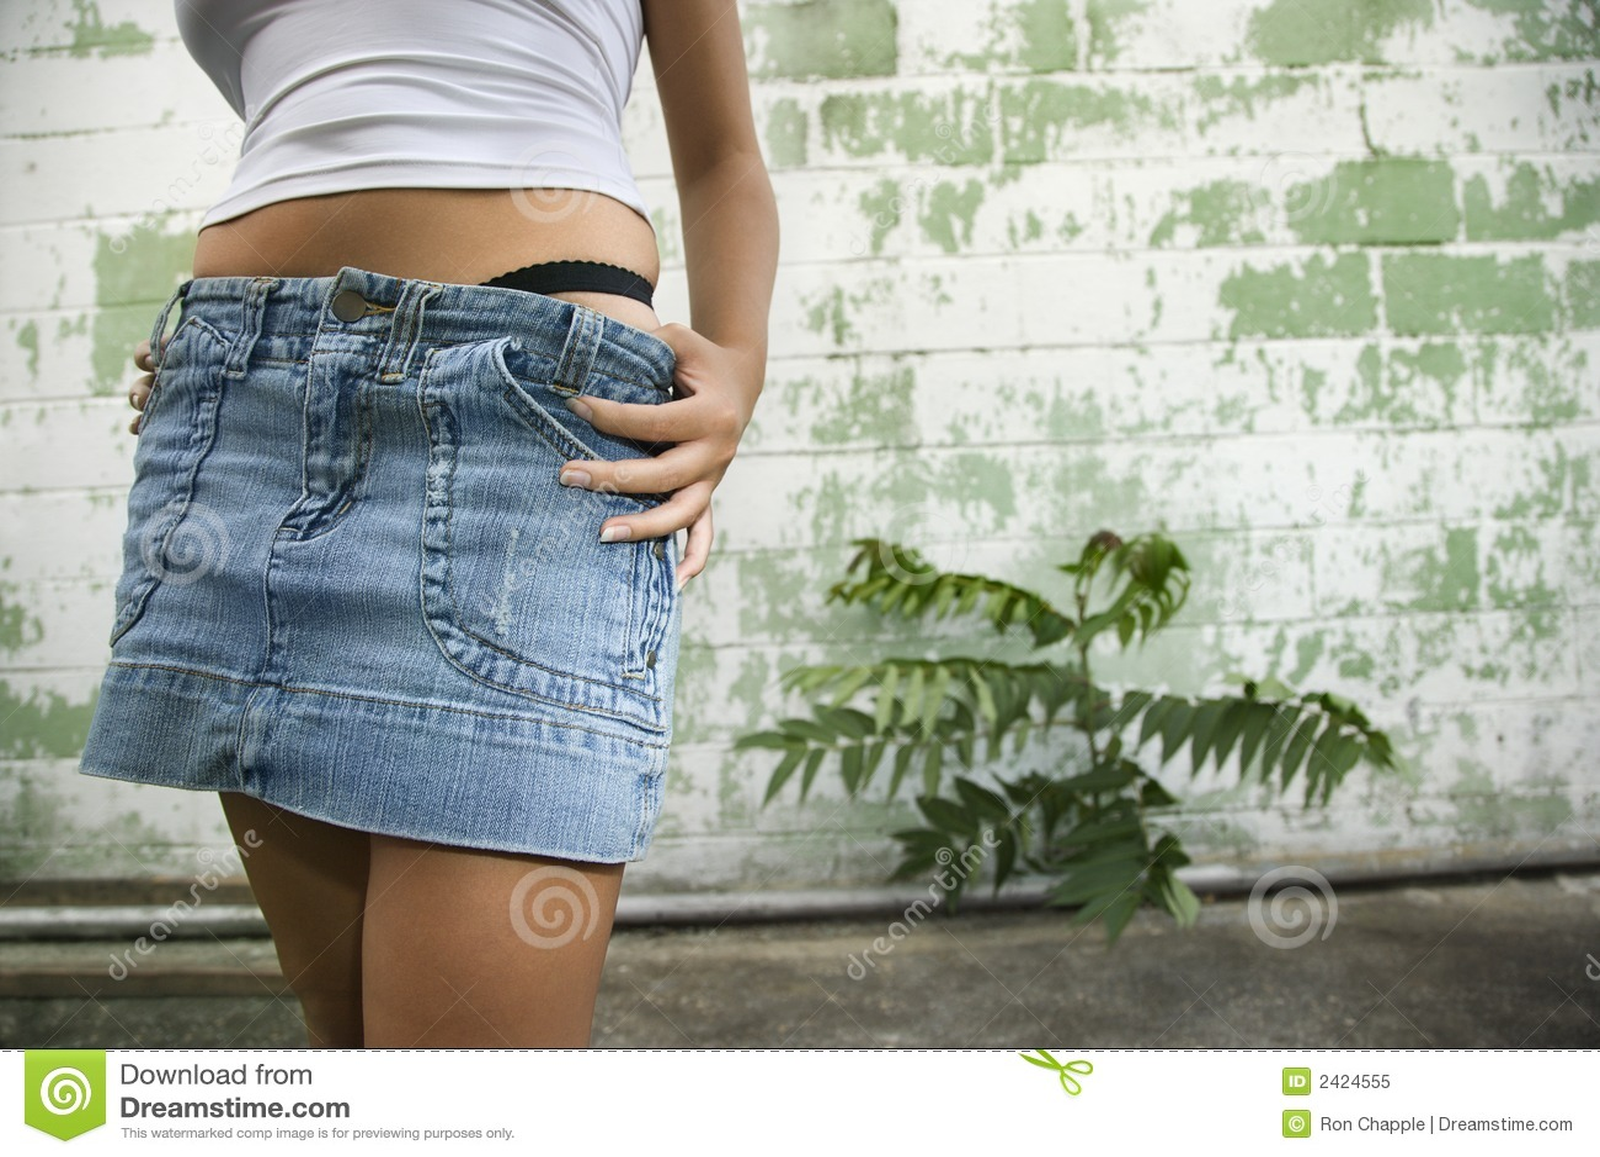 Фотоальбом женщин в мини юбках 15 фотография